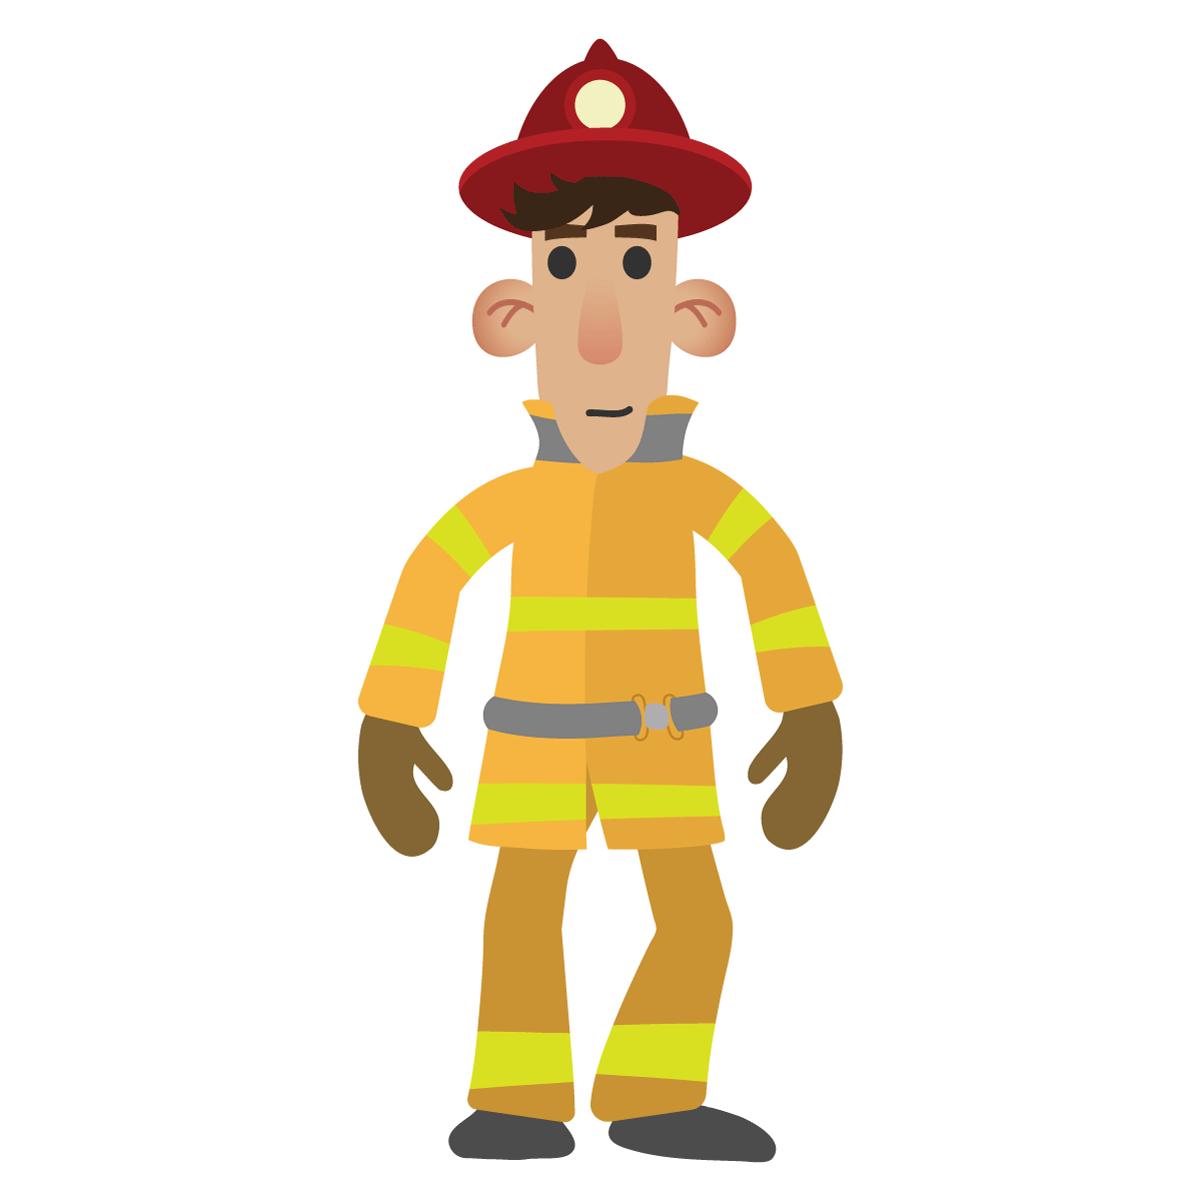 Анекдот про то, как наркоман пожарных потелефону донимал